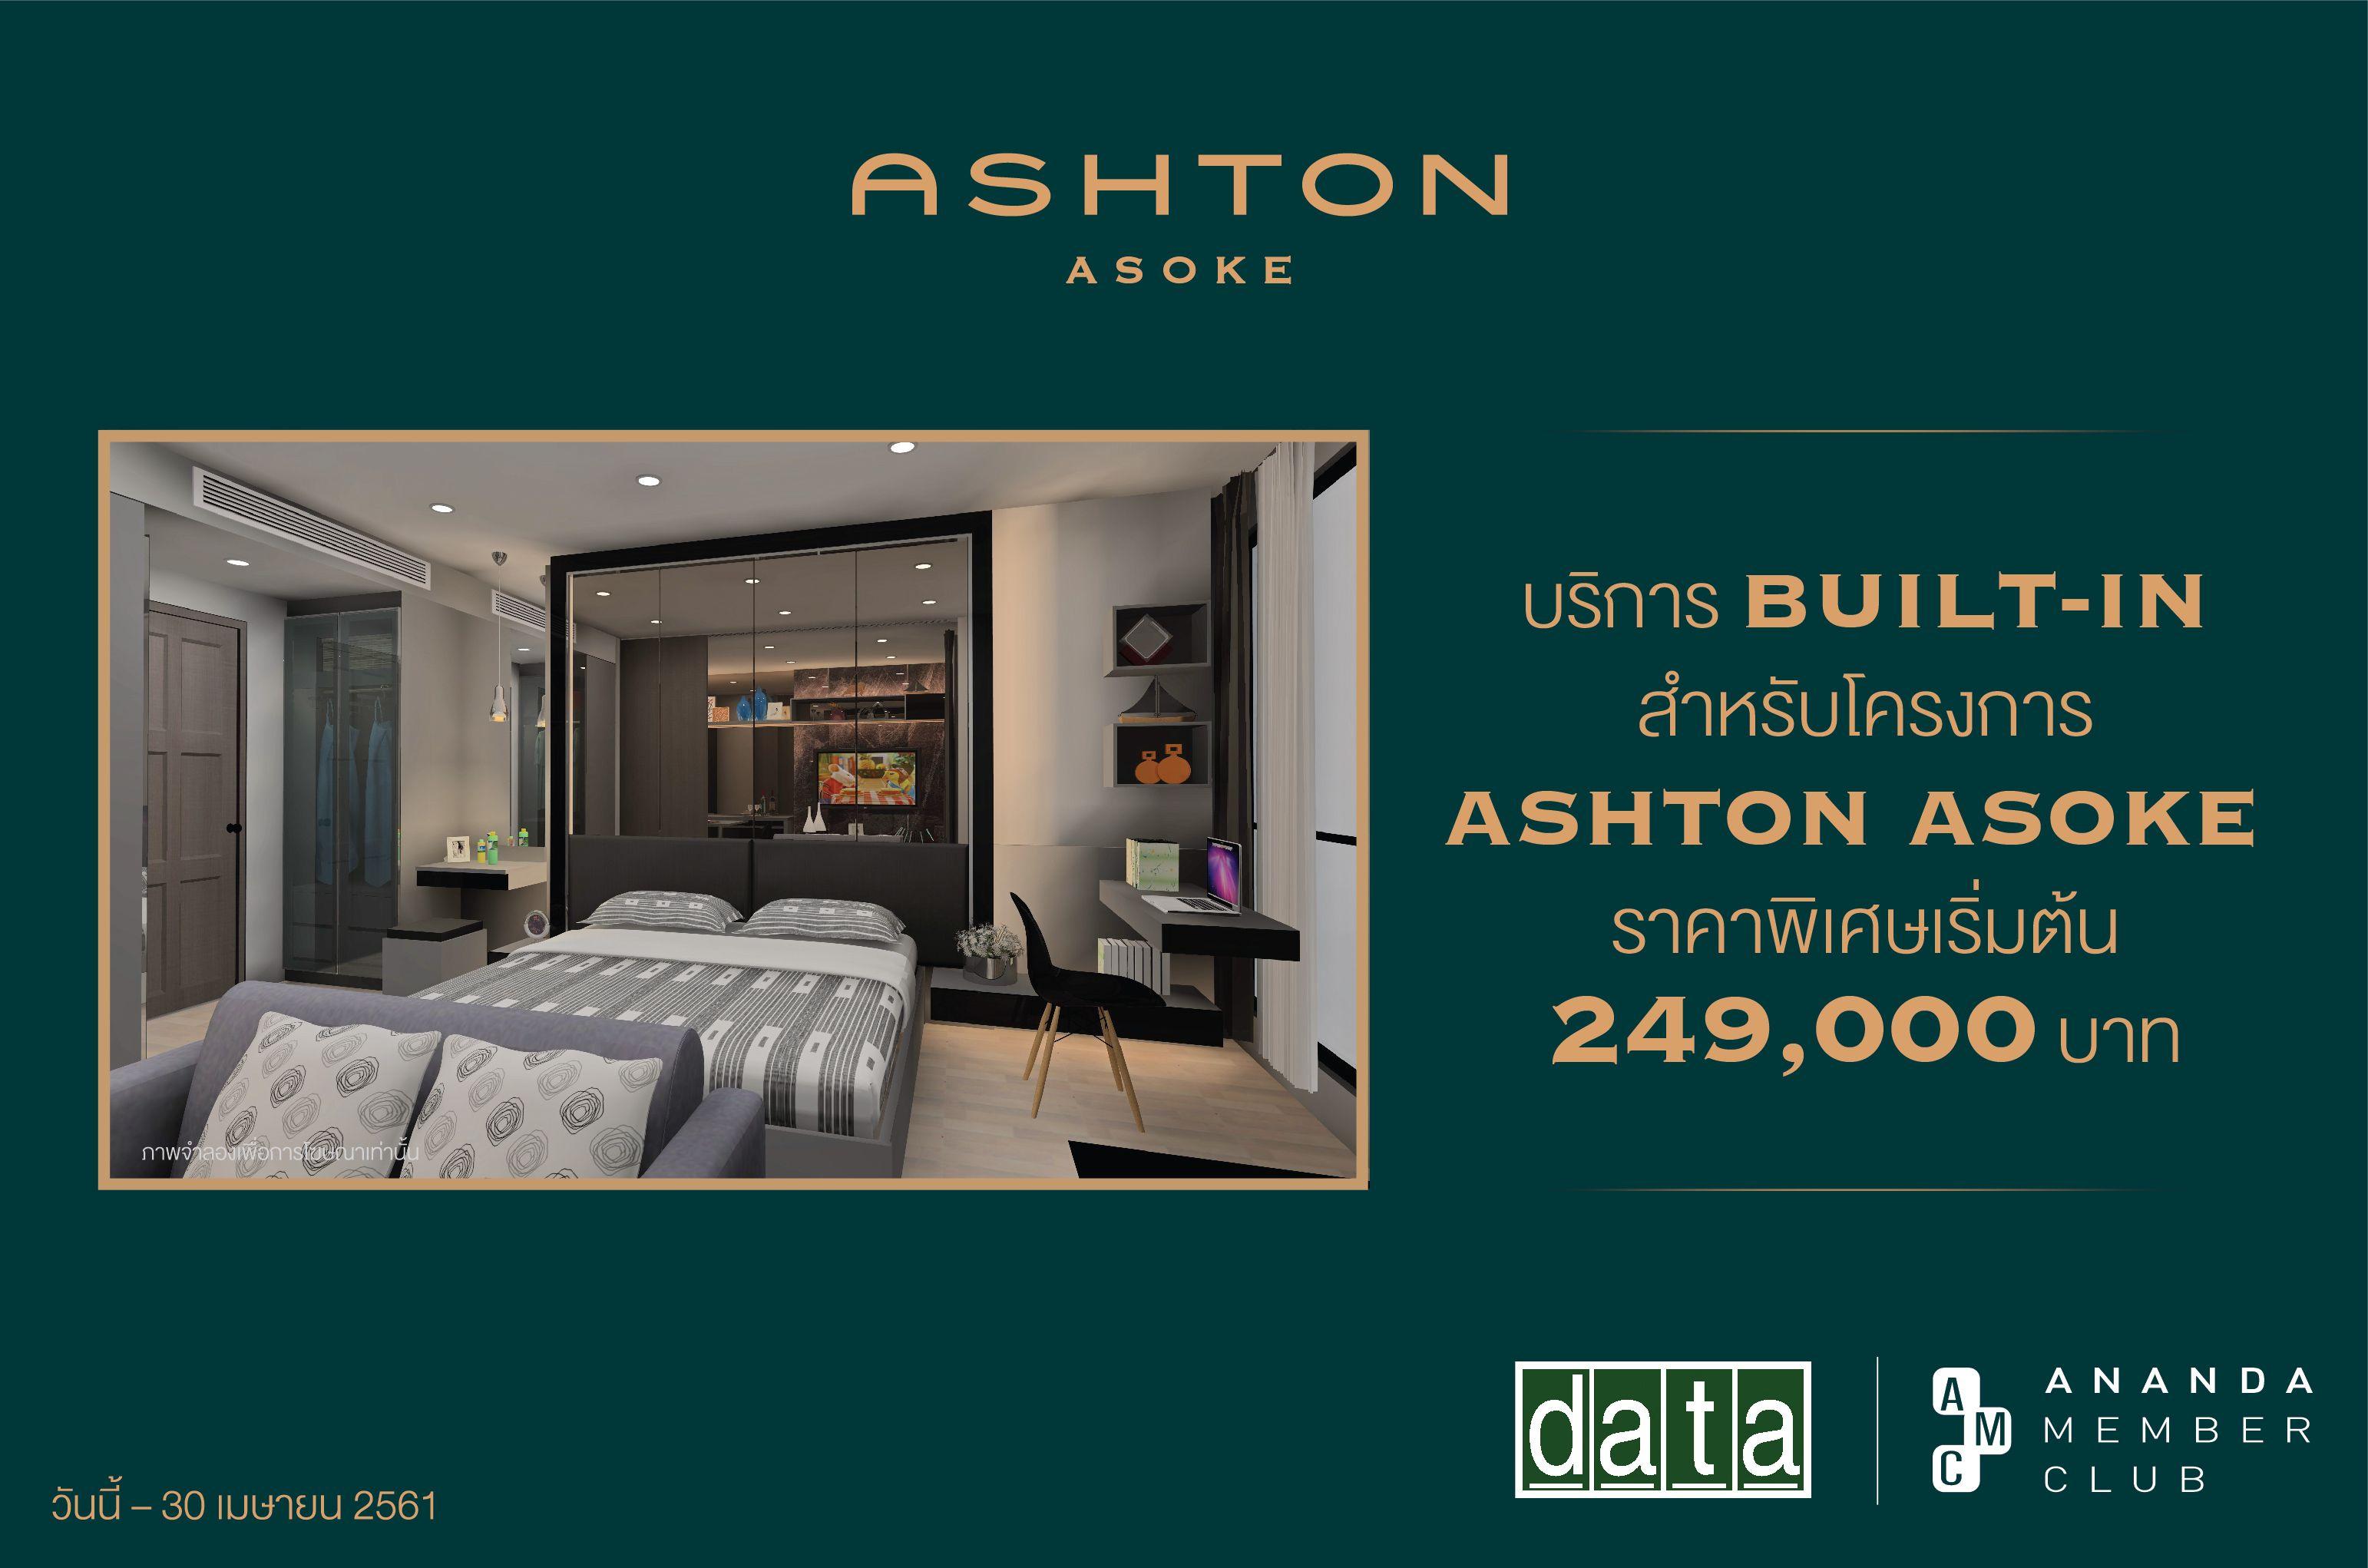 บริการ BUILT-IN สำหรับโครงการ ASHTON ASOKE